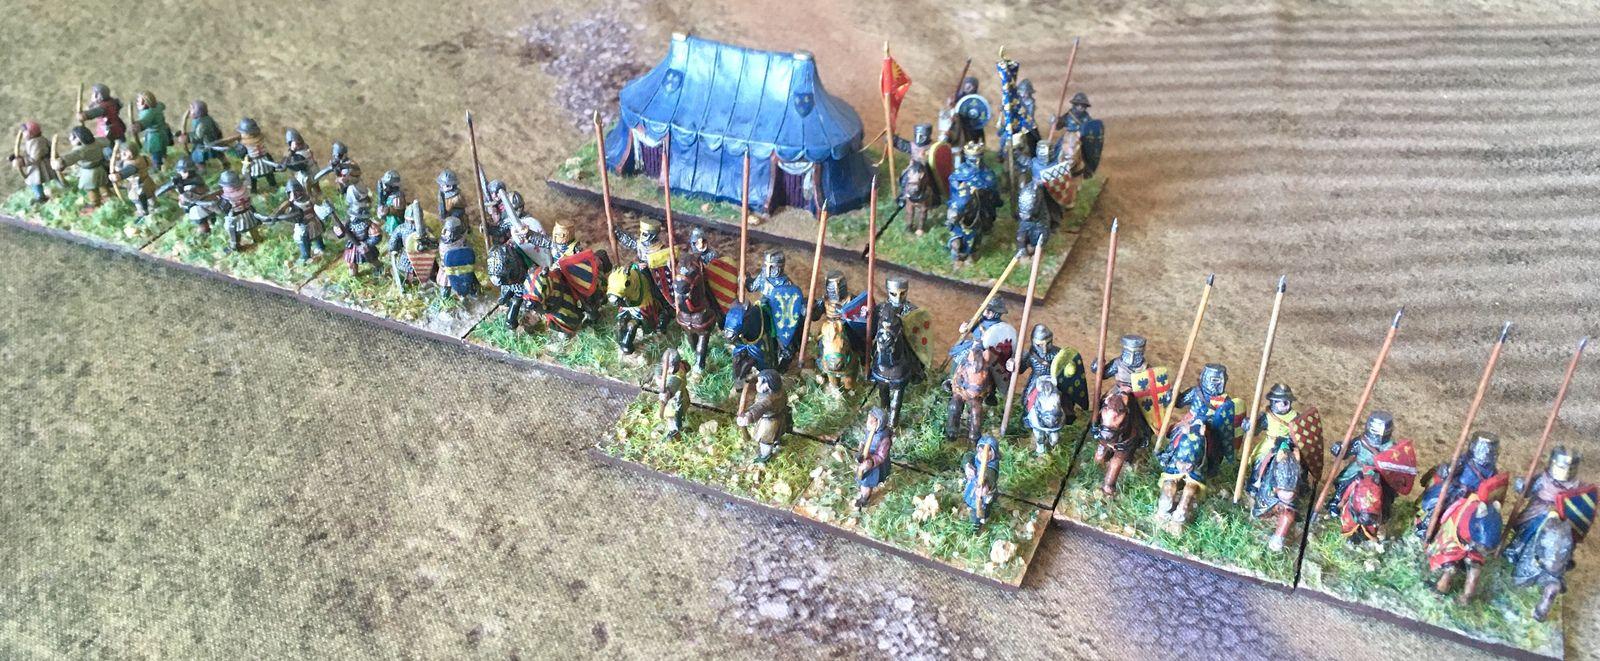 La bataille du Roi, avec la fine fleur de la chevalerie française devant lui, et les troupes à pied de support.